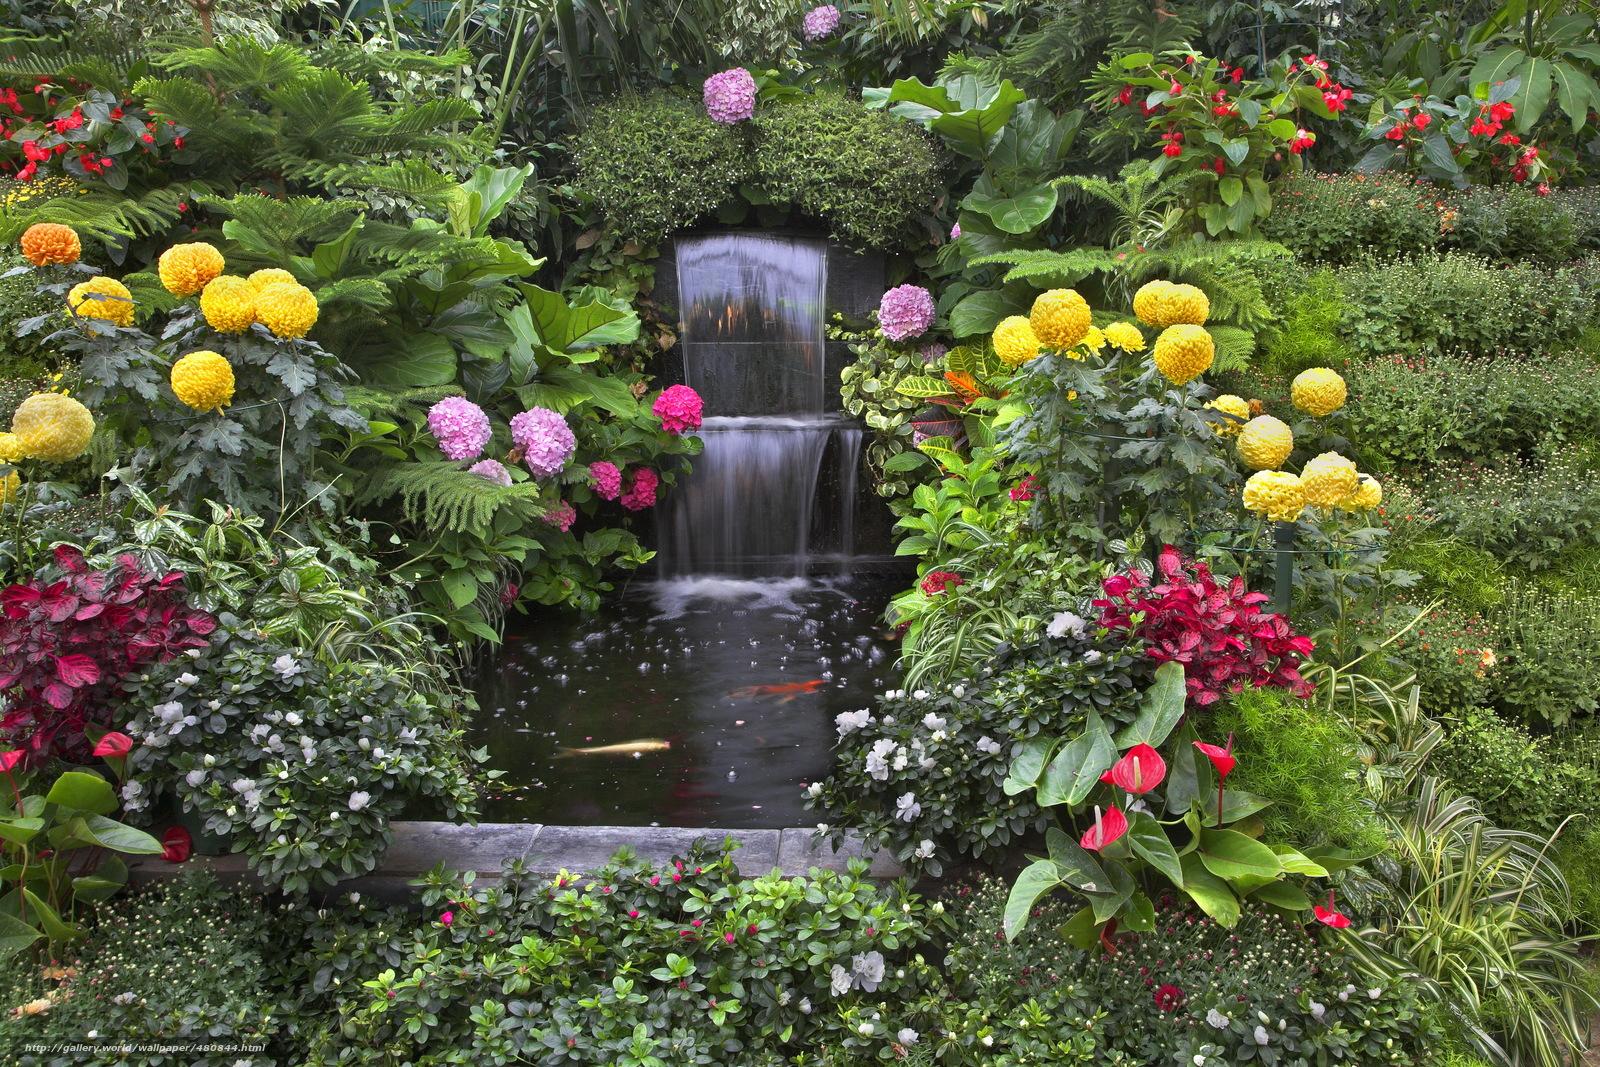 Image gallery naturaleza con flores fotos - Plantas de jardin fotos ...